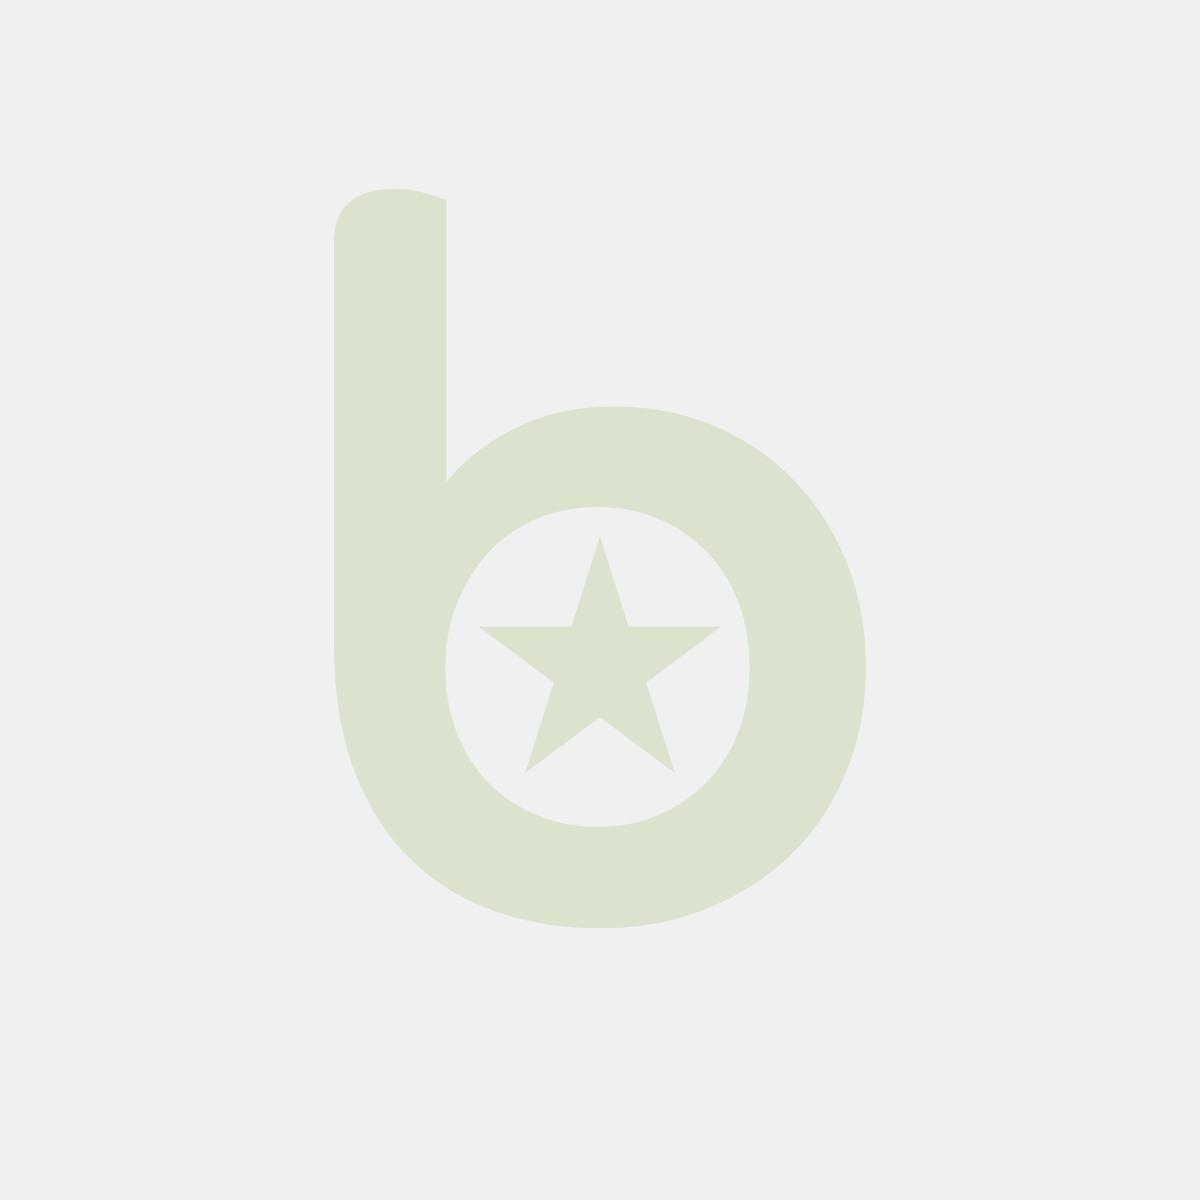 Serwetki PAPSTAR Royal Collection ORNAMENTS 40x40 nektarine opakowanie 50szt